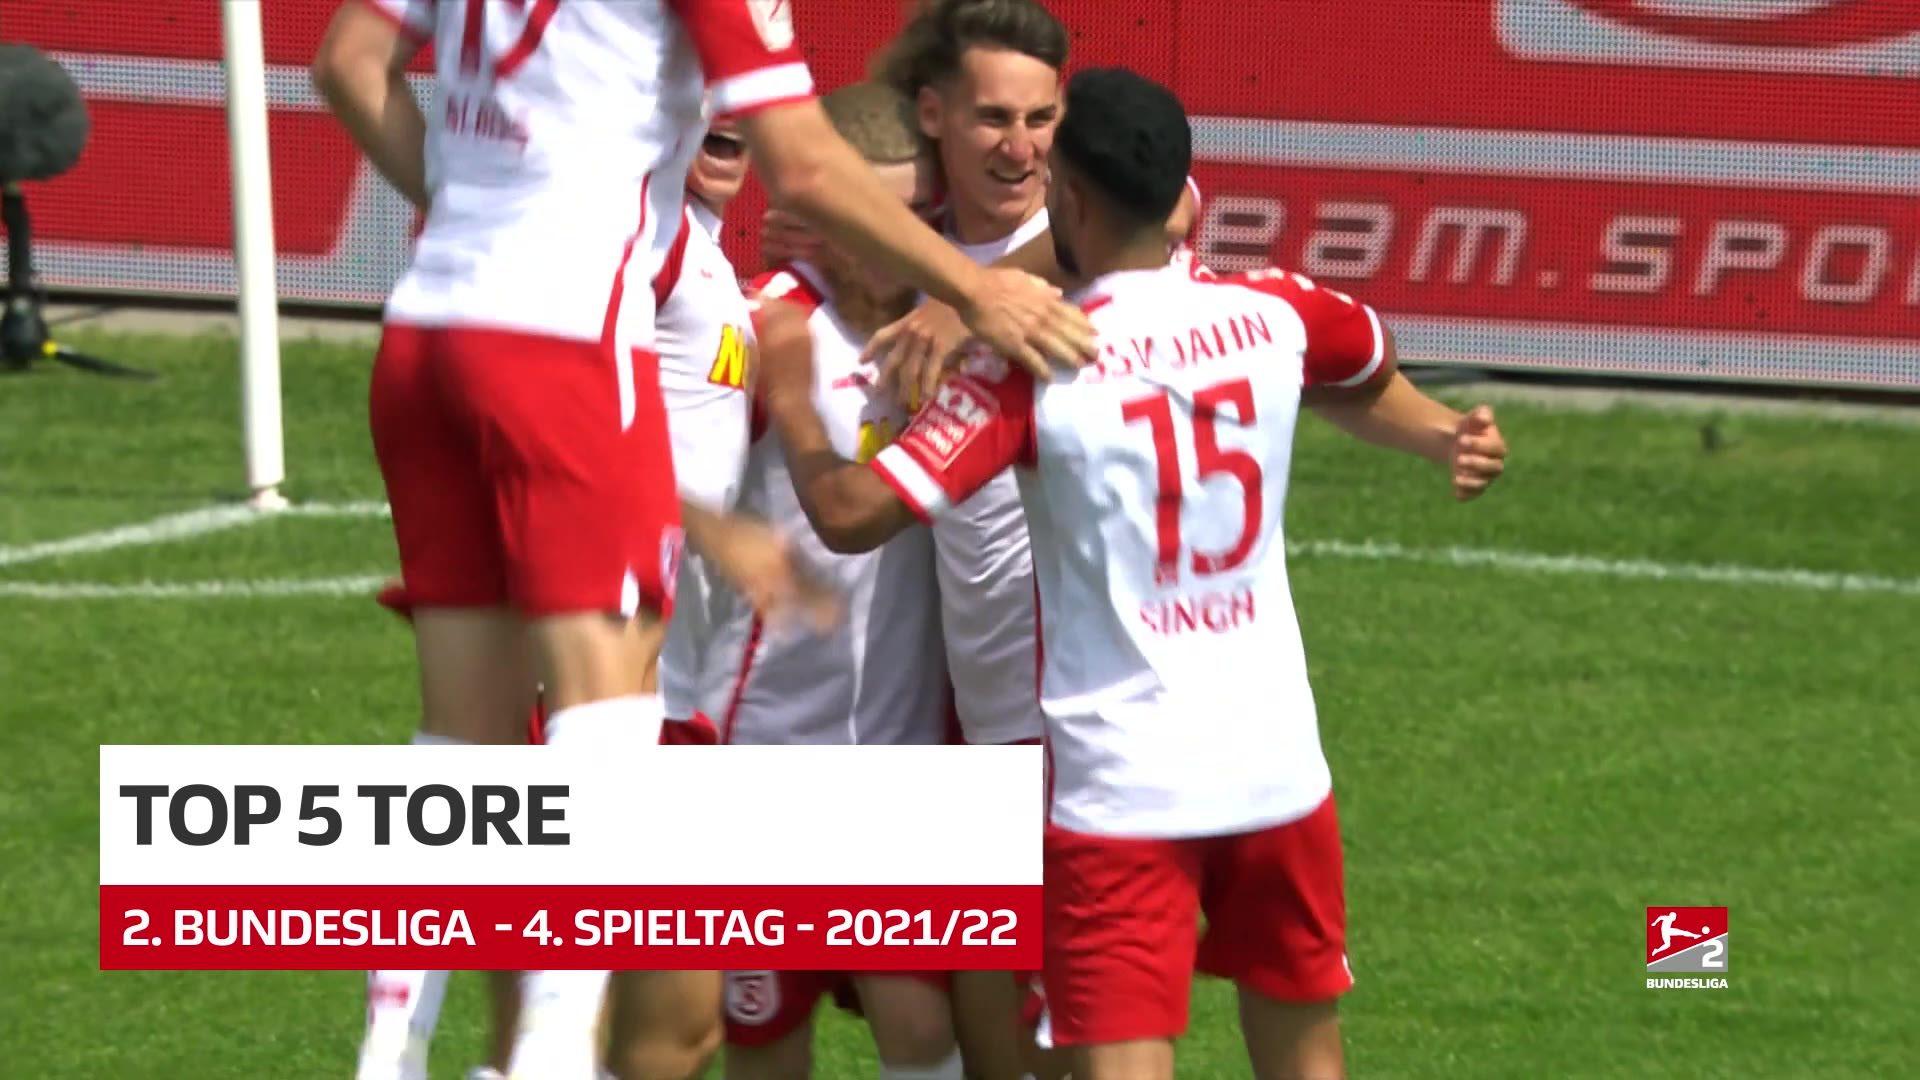 2. Bundesliga: Fünf Top-Tore des 4. Spieltags